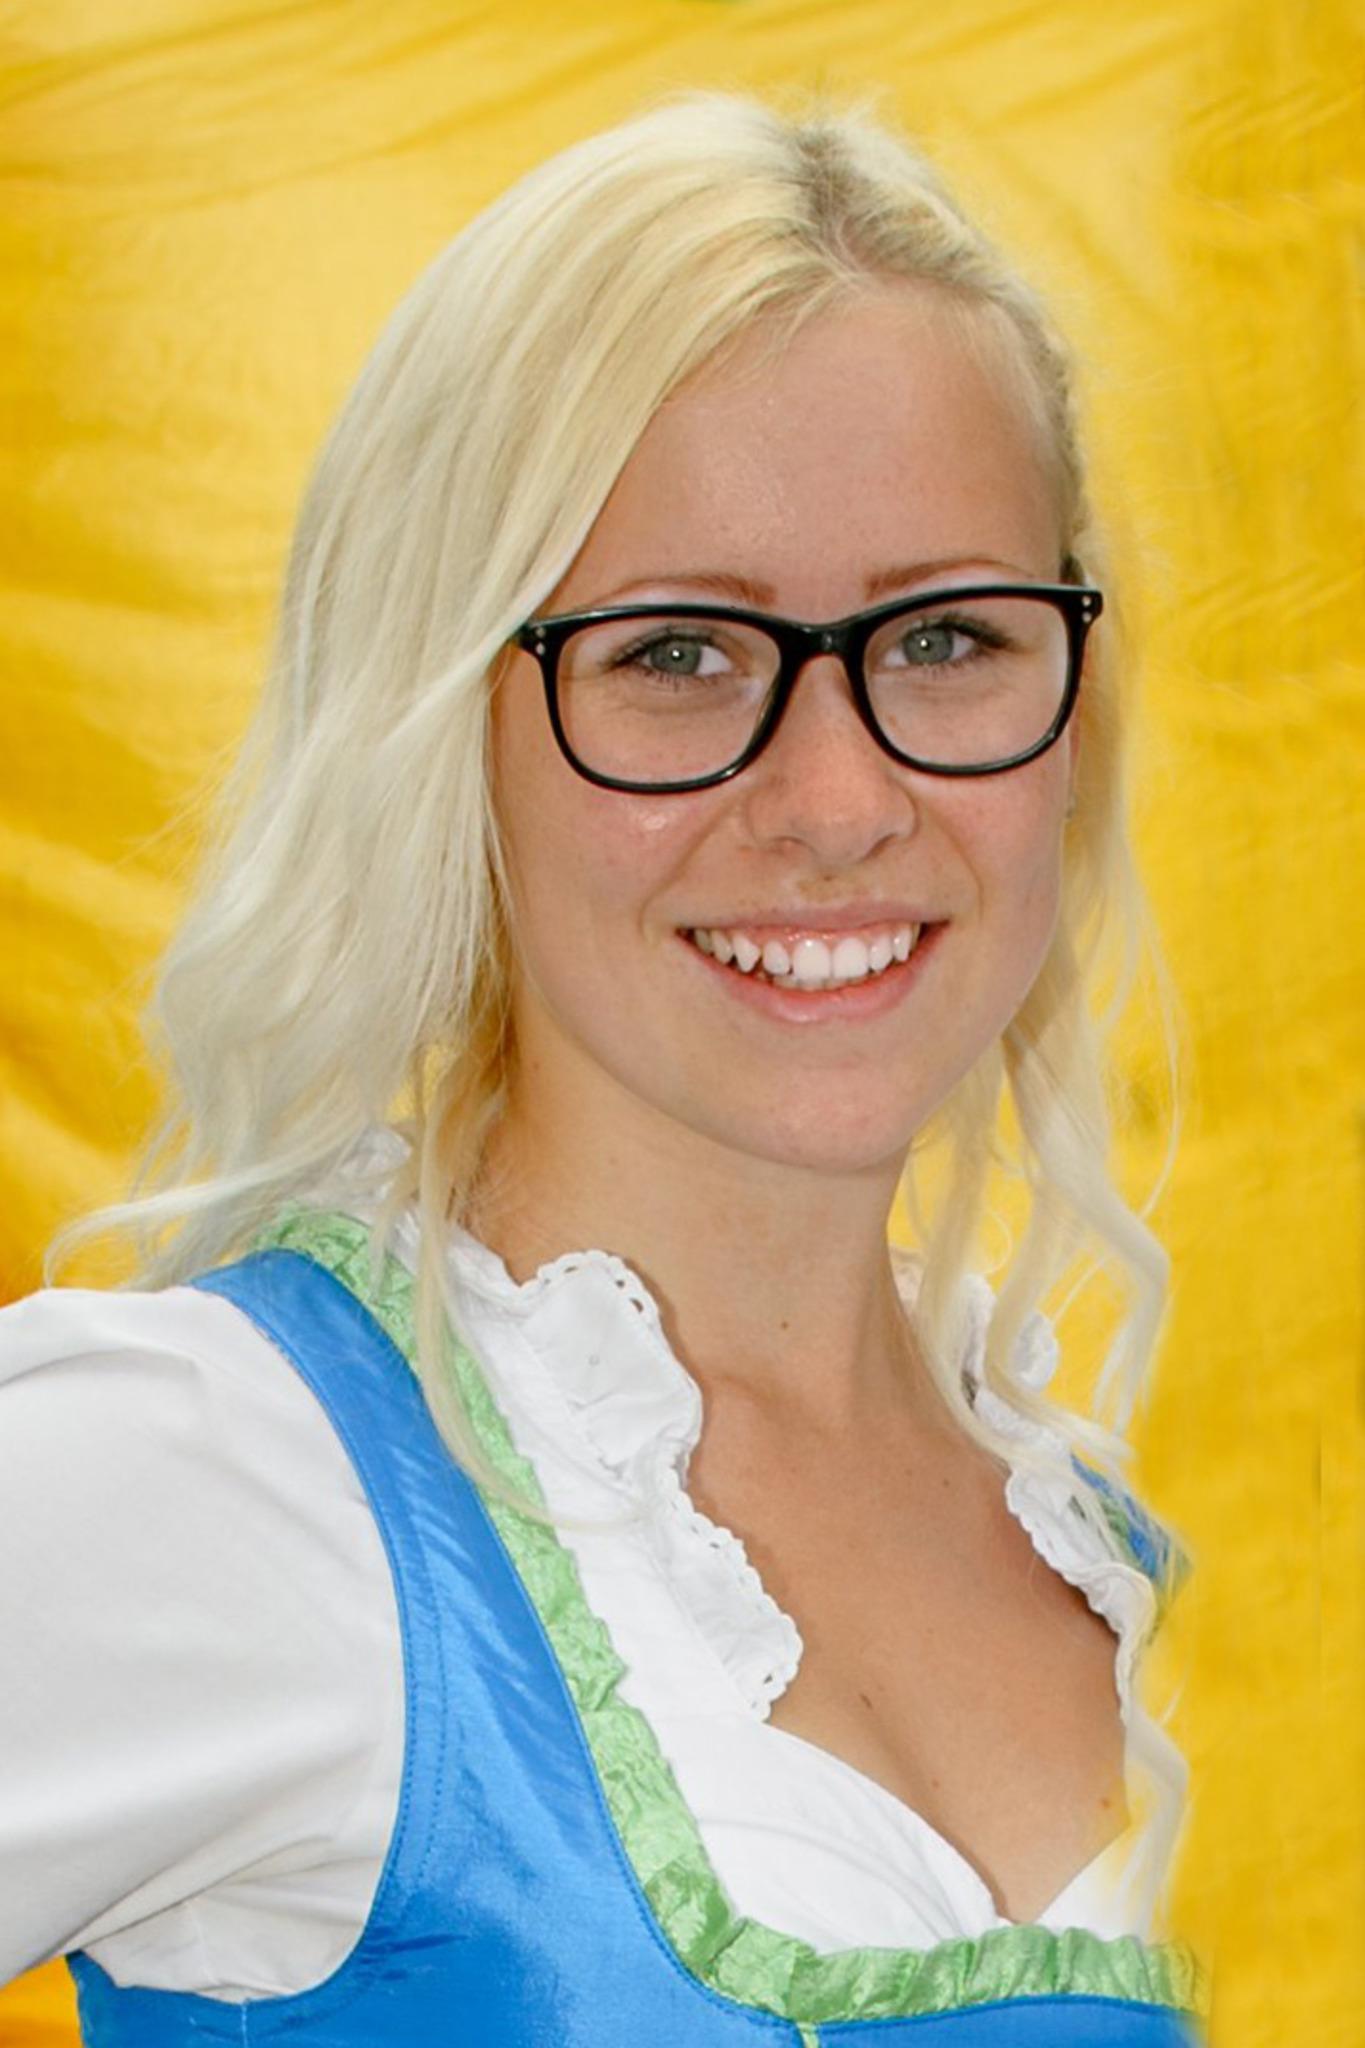 Kttmannsdorf meine stadt partnersuche - Frauen aus kennenlernen